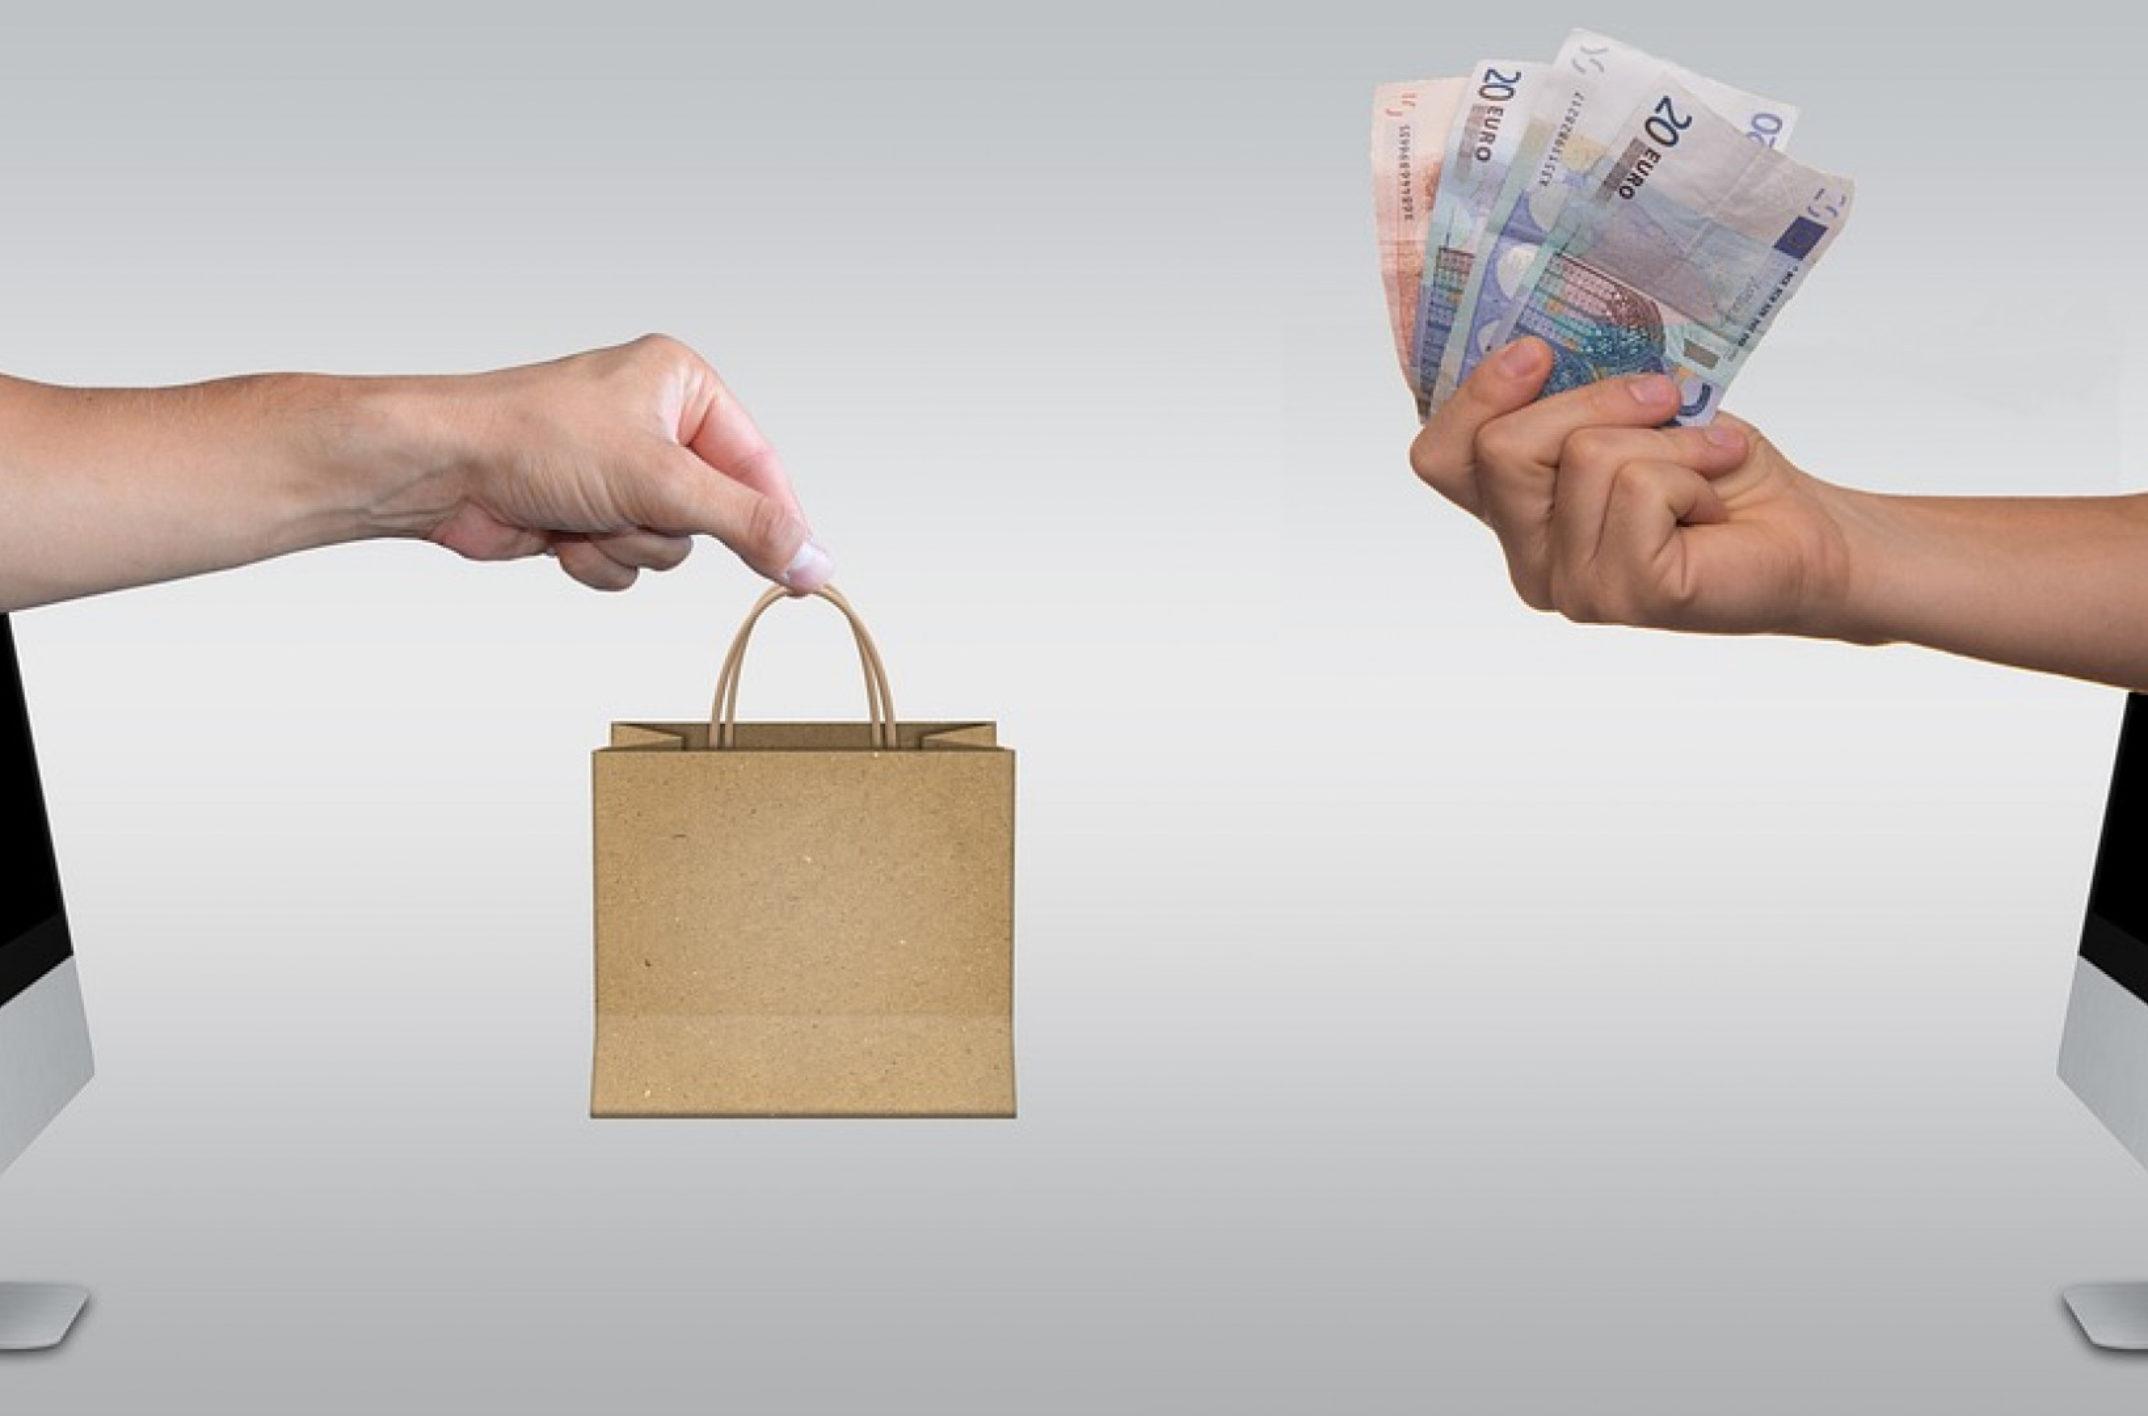 Faites votre shopping en ligne sans vous ruiner